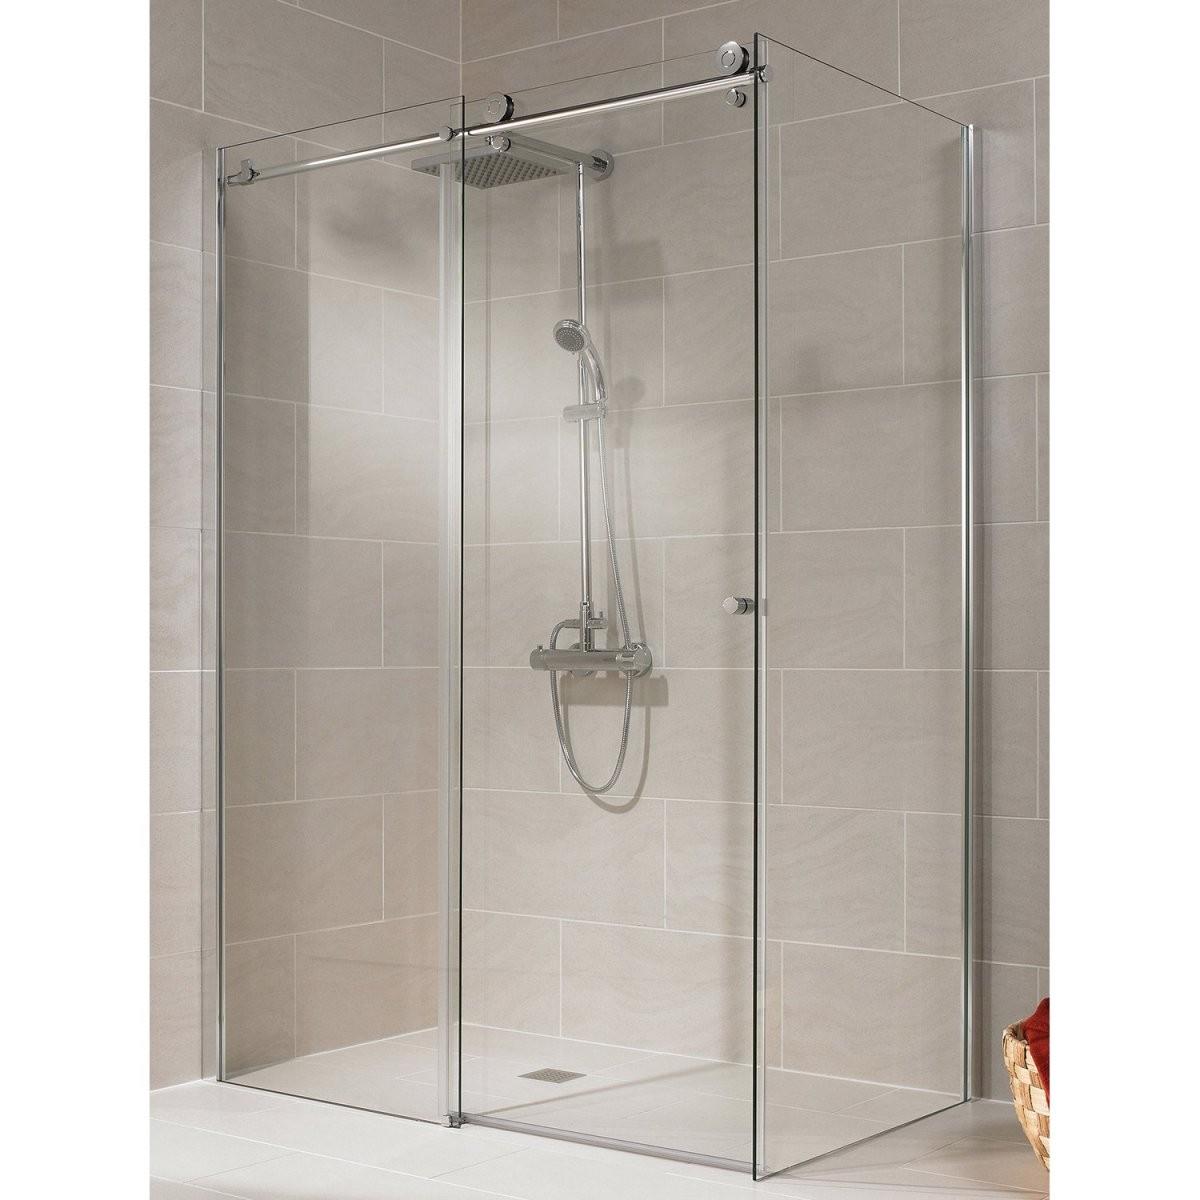 Duschwand Kaufen Bei Obi von Duschwand Für Badewanne Obi Photo